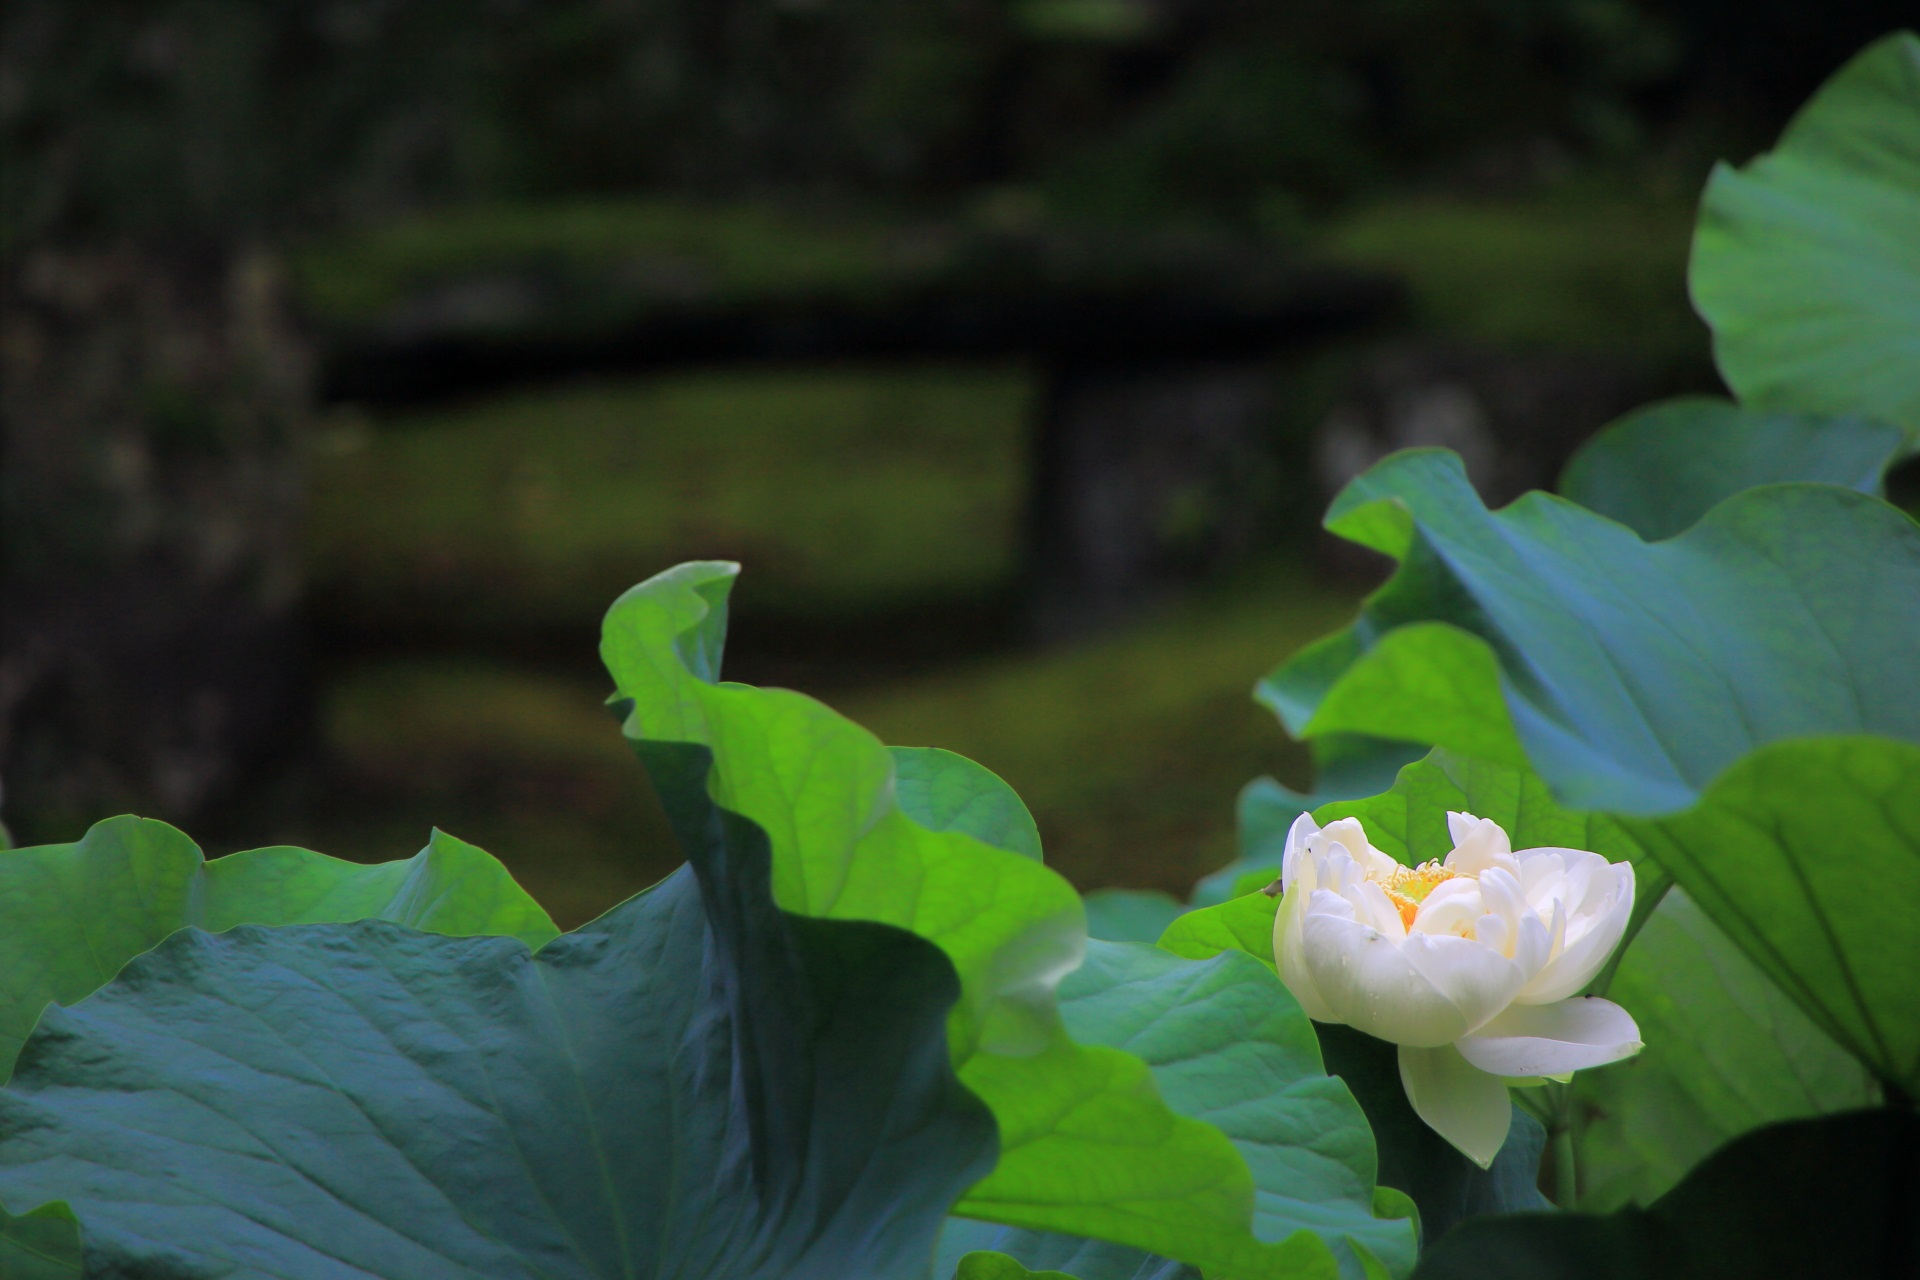 本法寺の巴の庭の白い蓮の花と築山